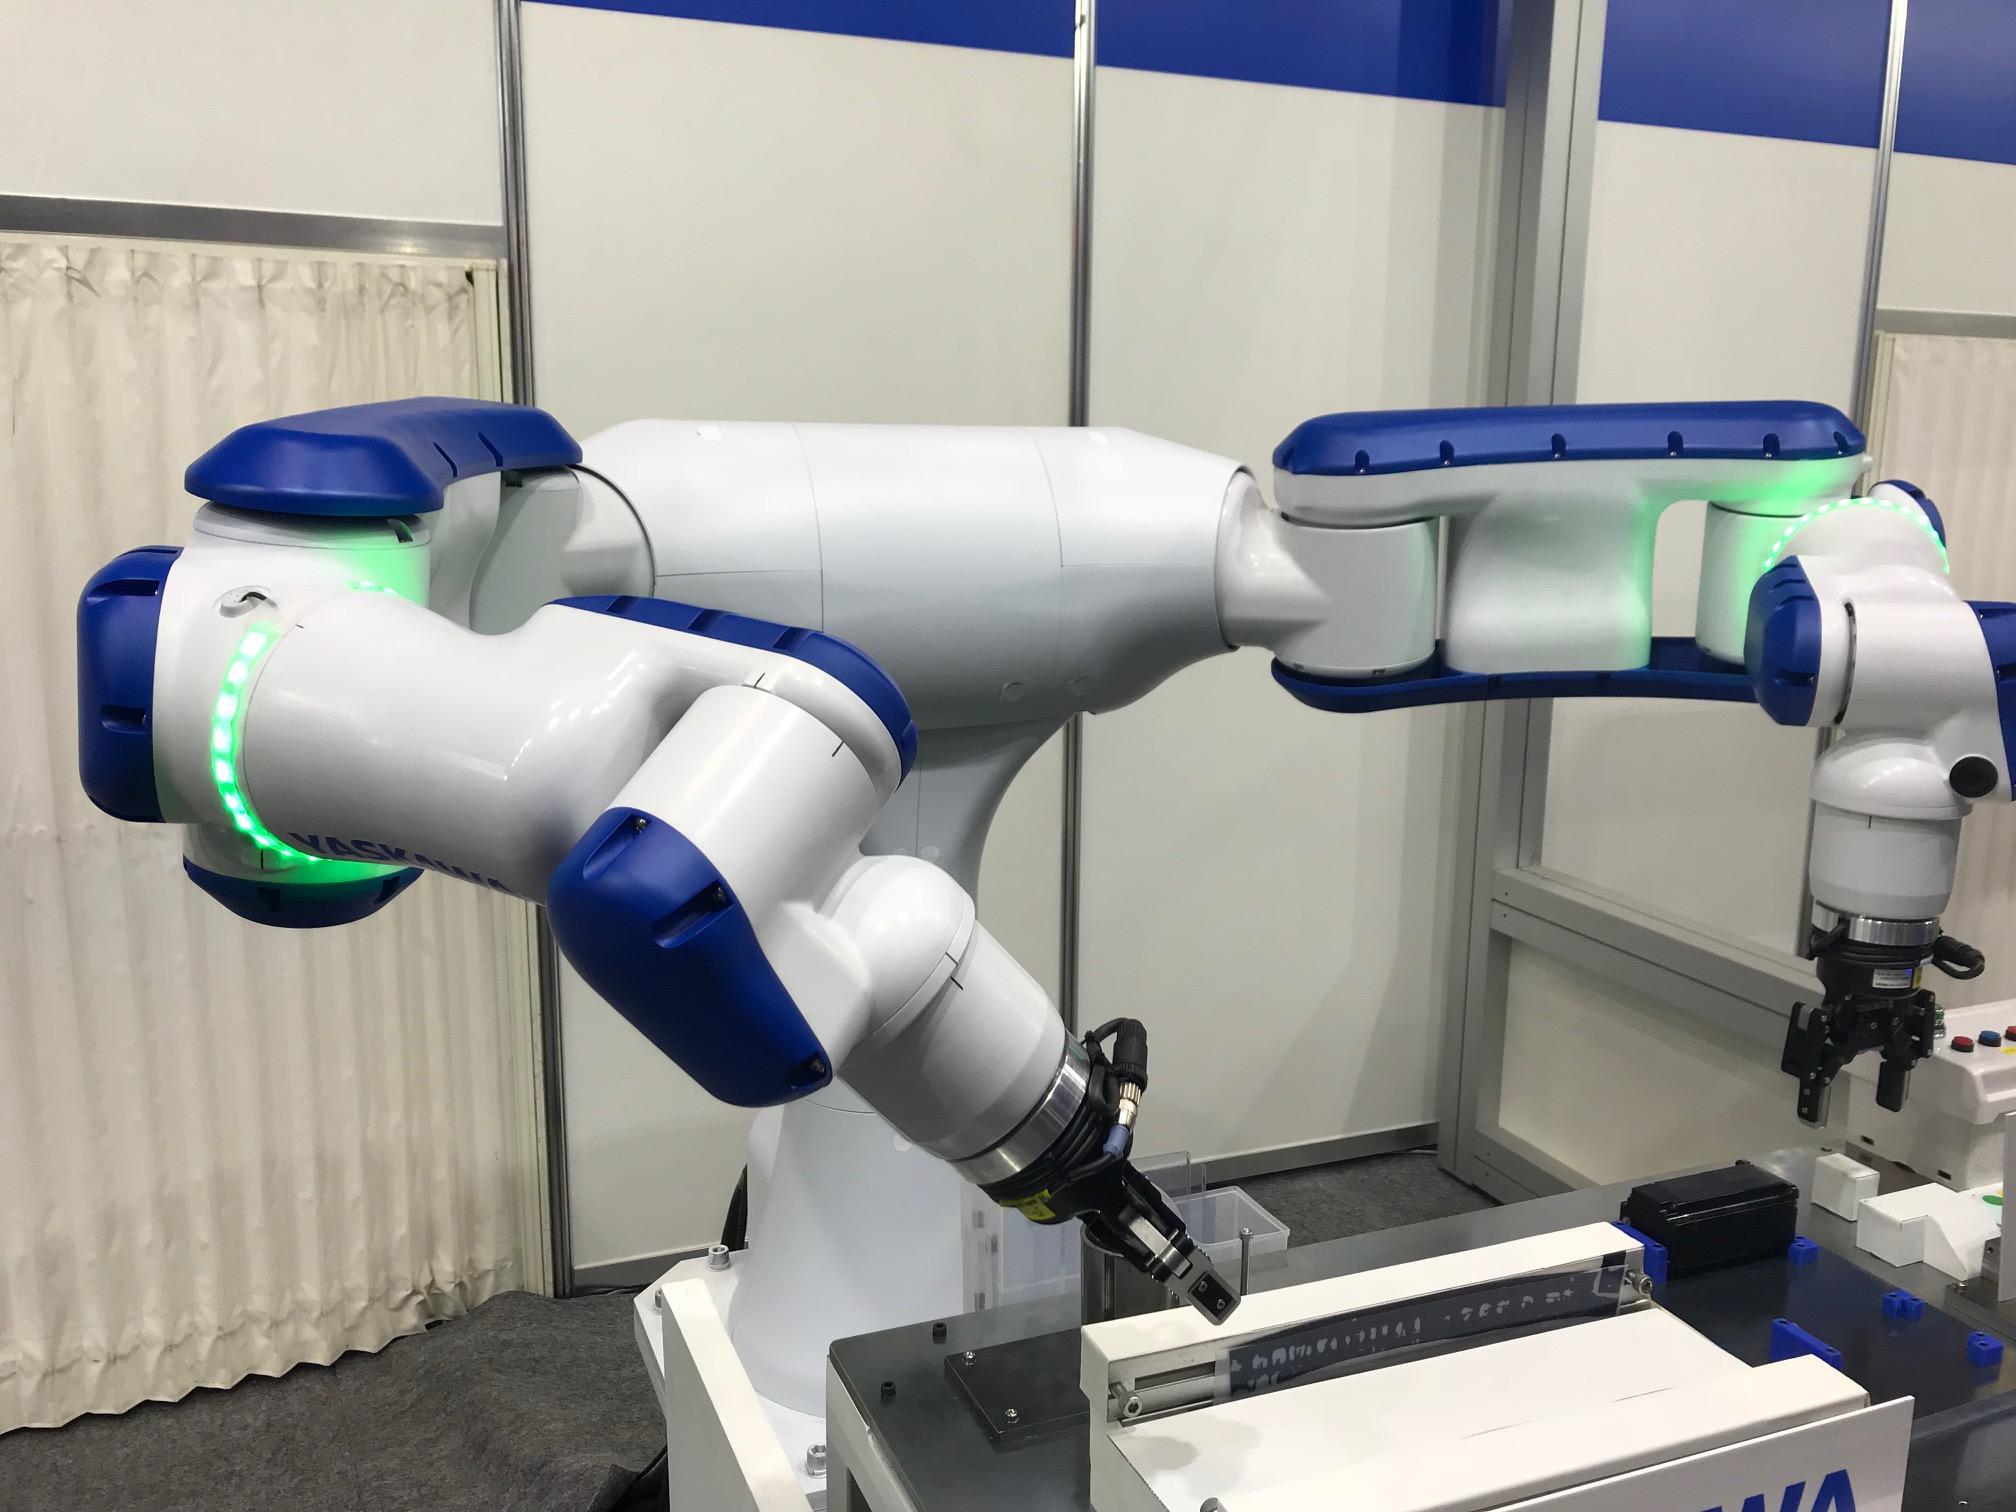 産業用ロボットを巡る日中の攻防戦が勃発